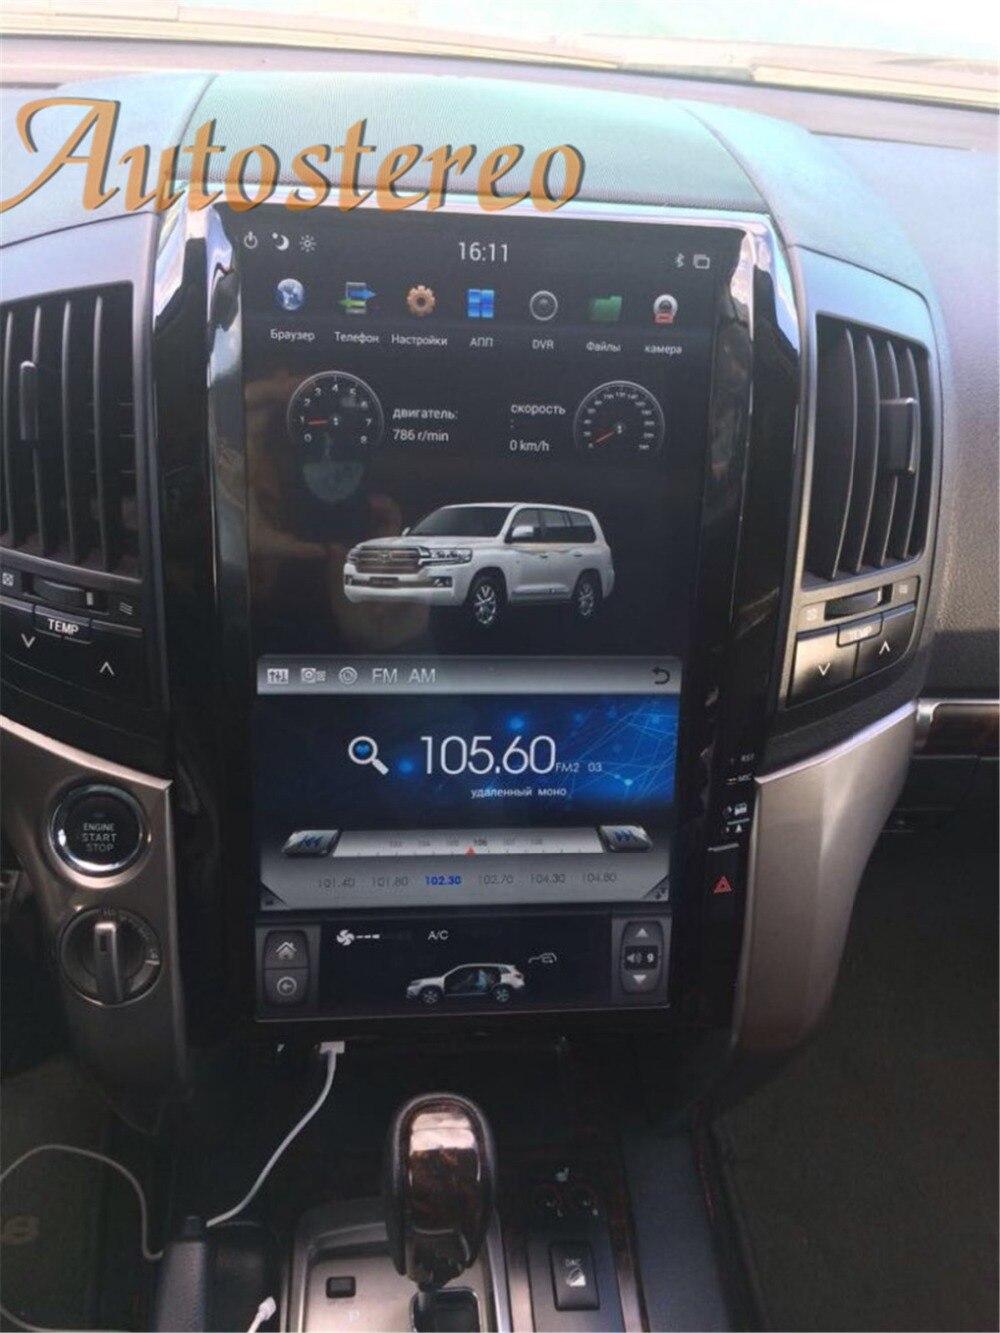 16 polegada Tesla estilo Carro sem DVD Player LC200 auto Rádio de Navegação GPS para TOYOTA LAND CRUISER 2008-2015 ALÉM DISSO stereo multimedia